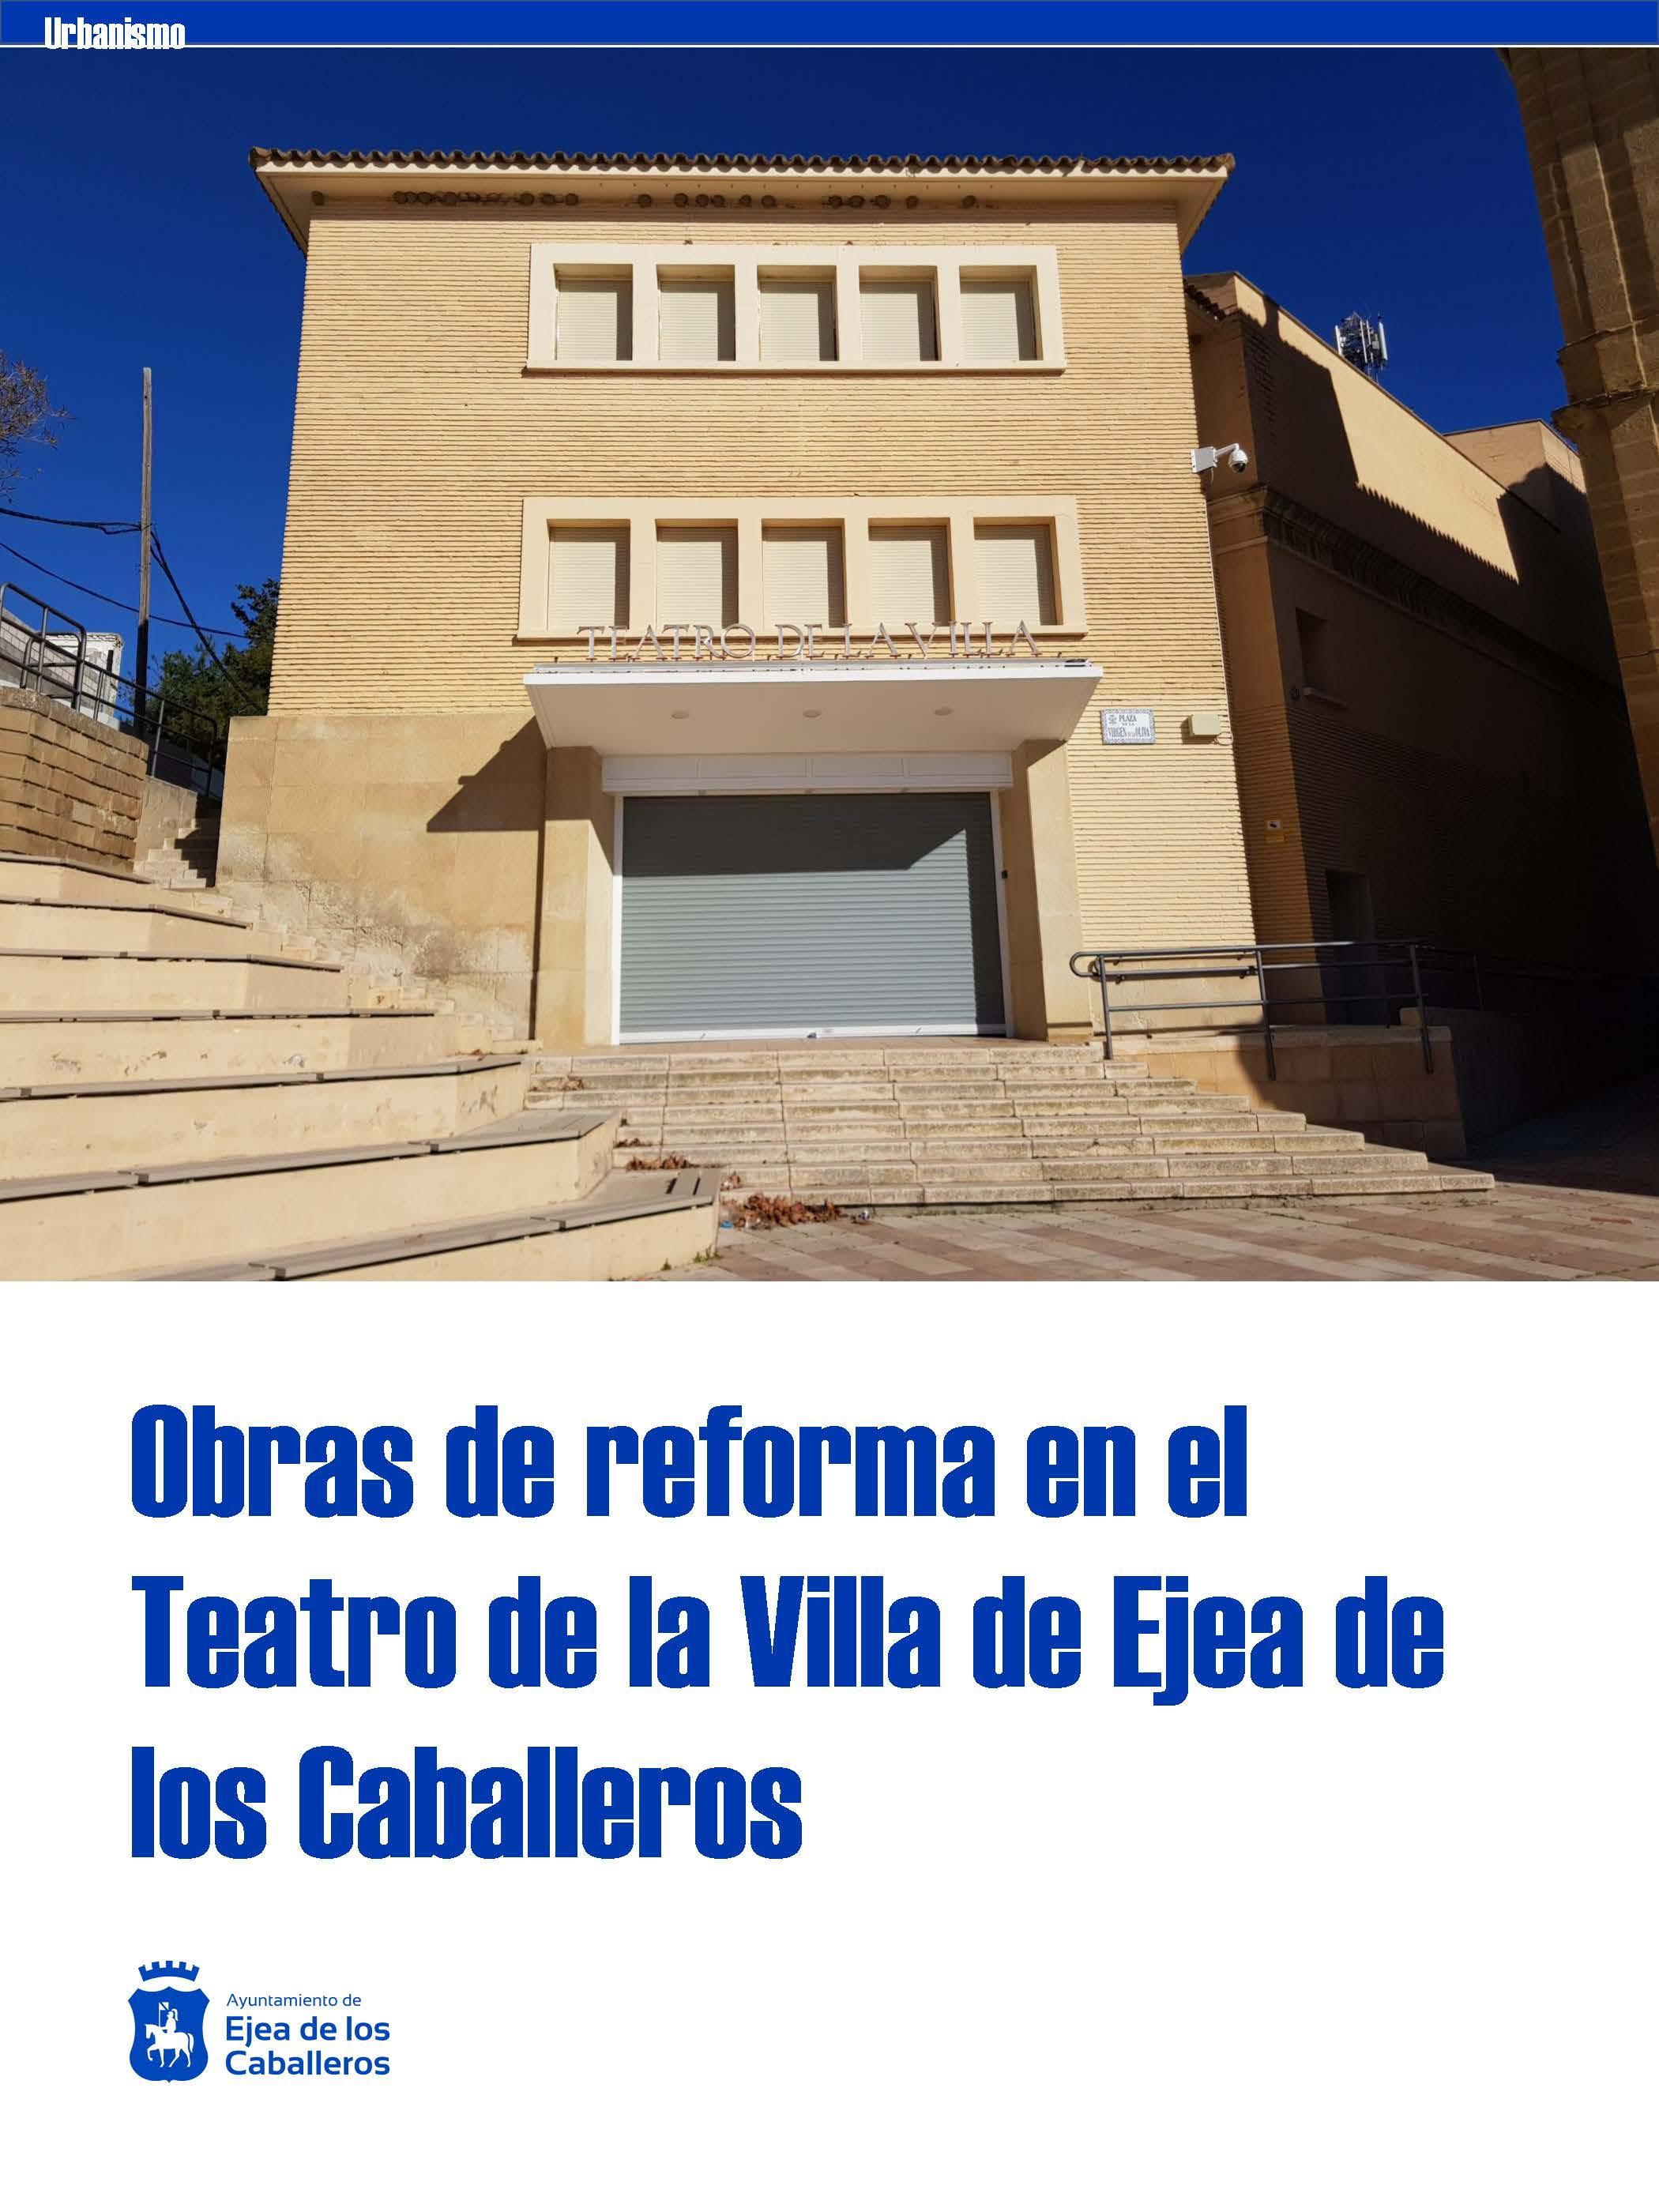 El Ayuntamiento de Ejea de los Caballeros acometerá obras de reforma en el Teatro de la Villa